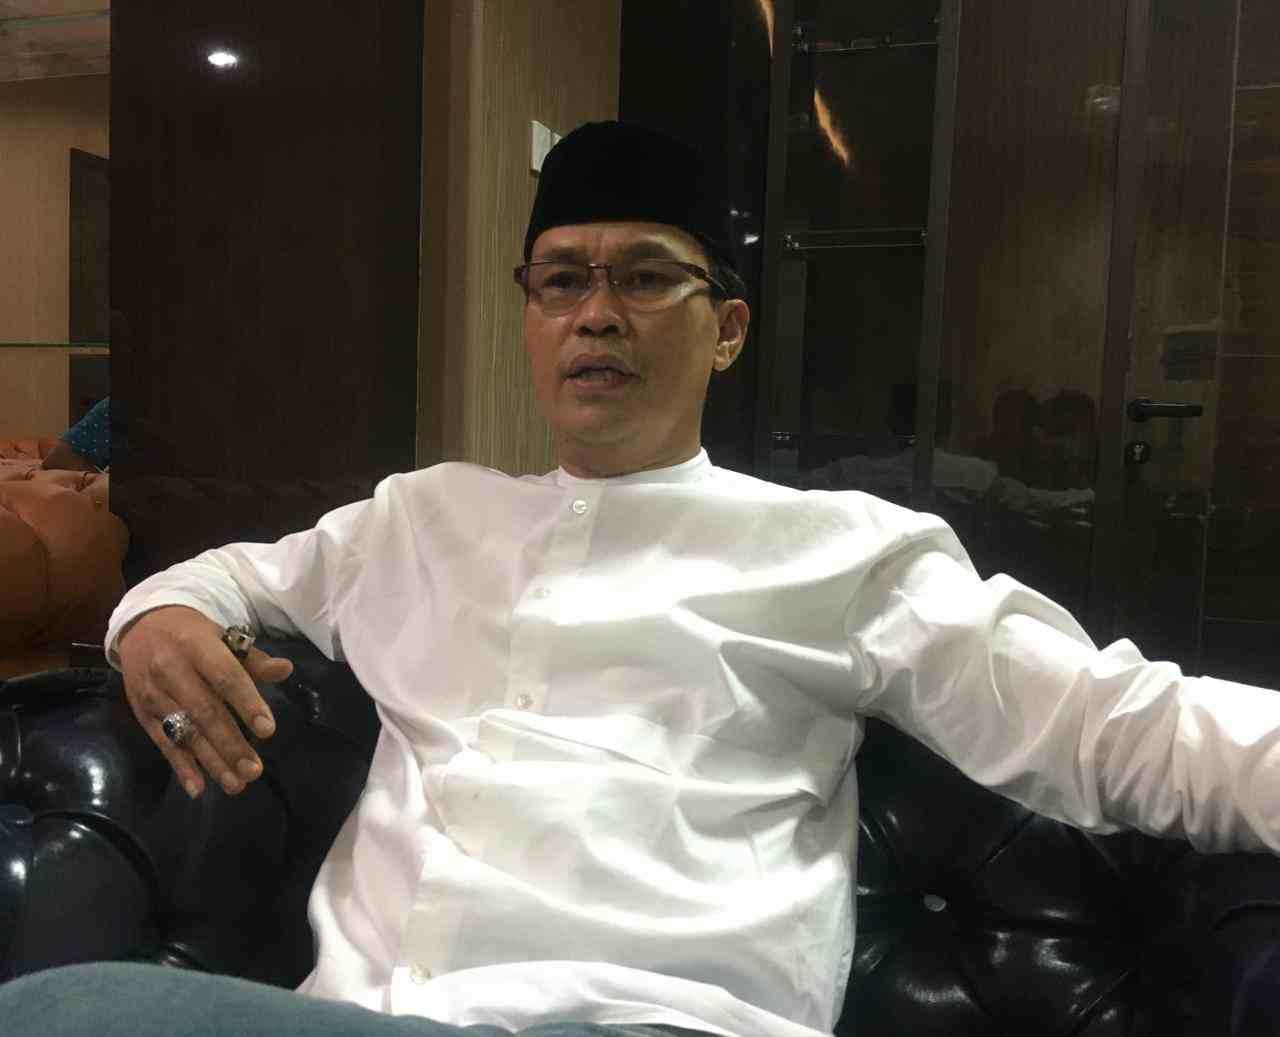 PPKM Darurat di Jawa-Bali Dinas ke Luar Belum Dilarang, Ketua DPRD : Kami Imbau Lebih Waspada